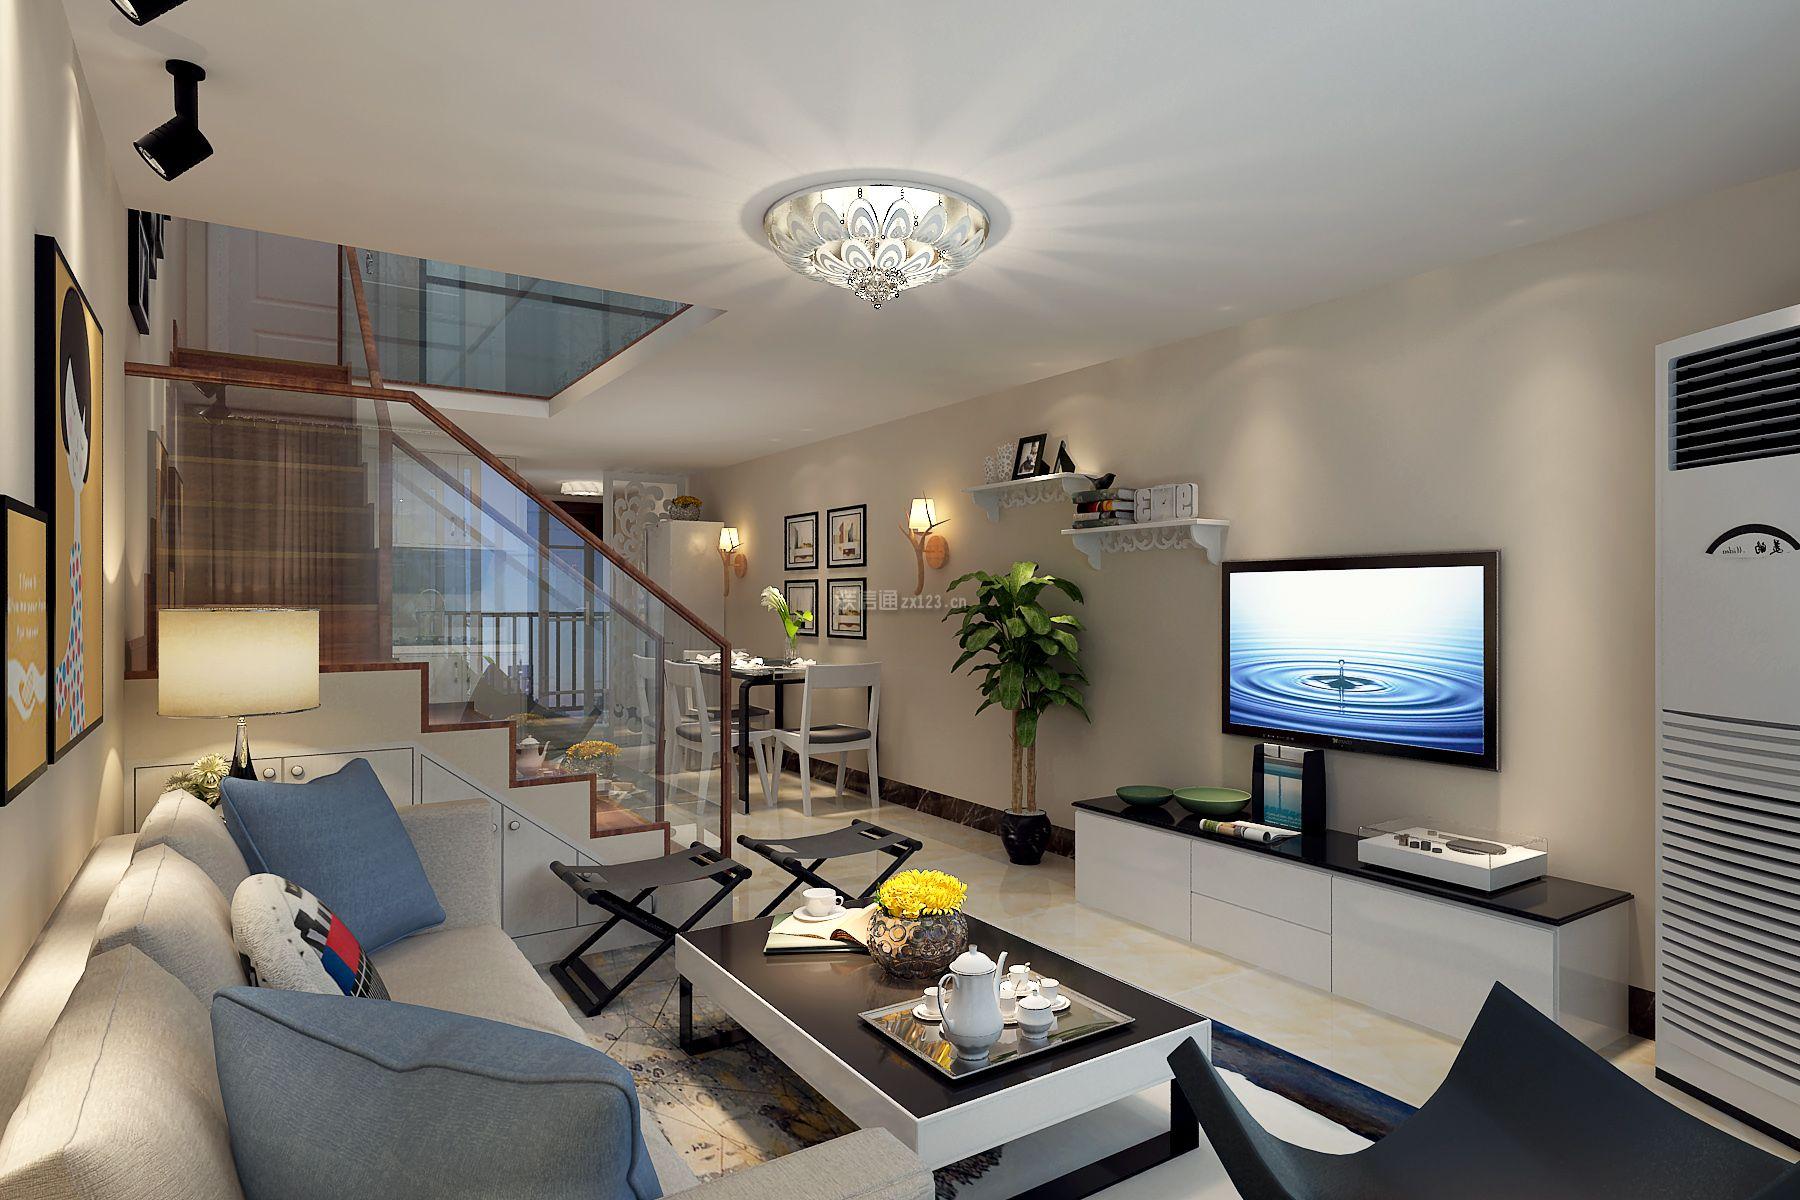 2018现代简约风格客厅电视墙设计效果图